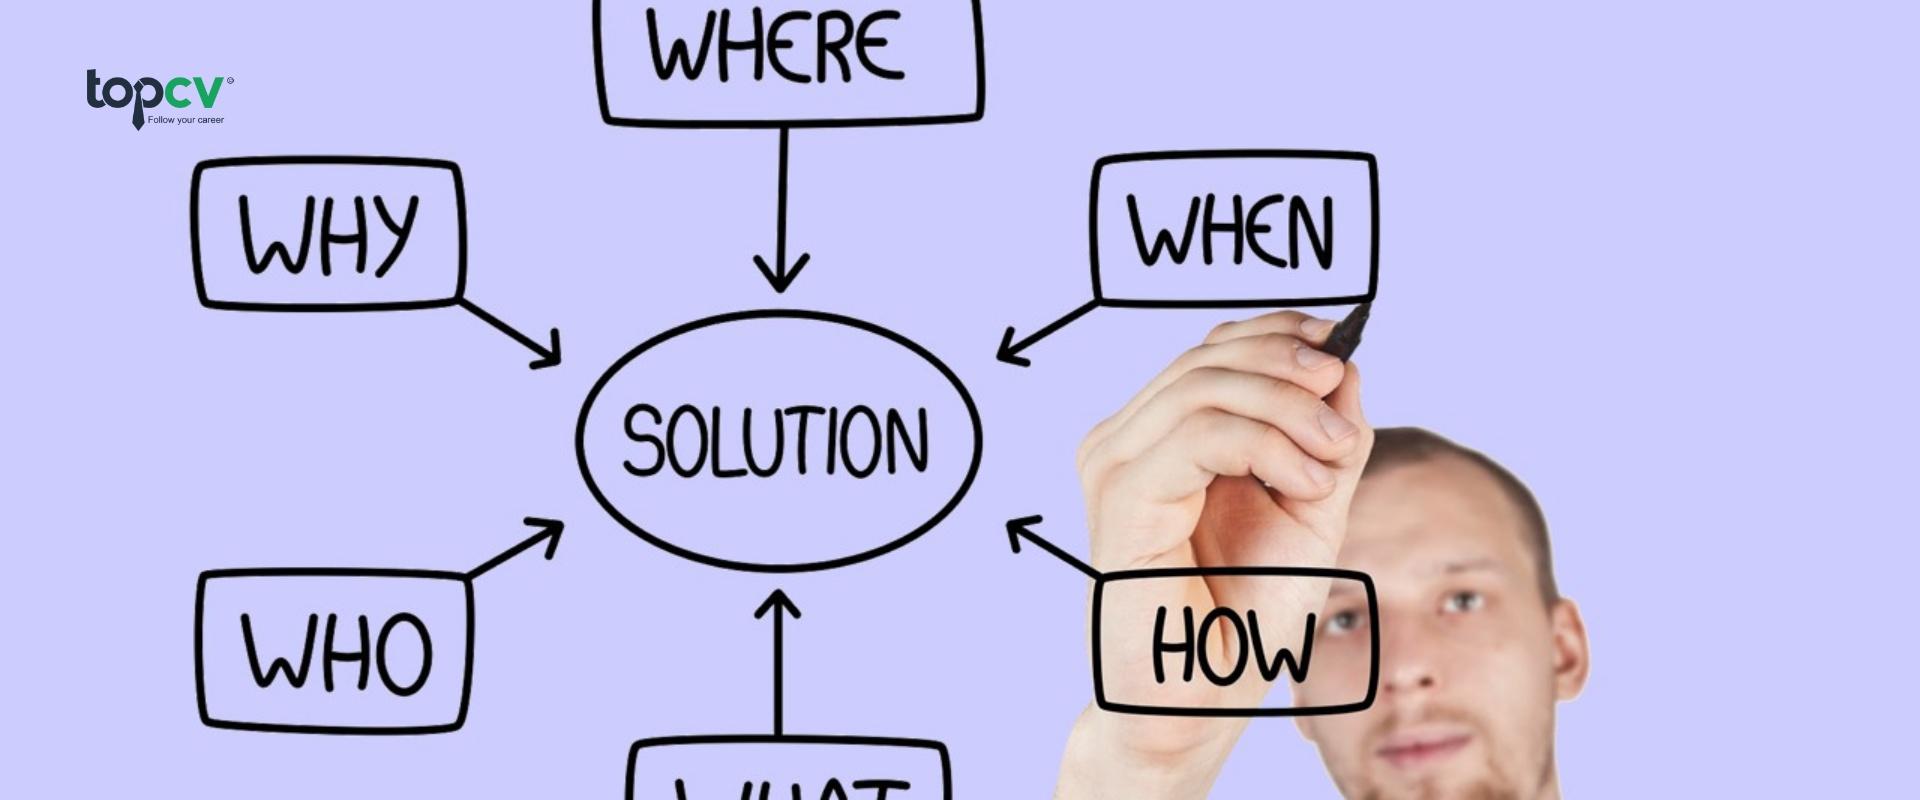 Kỹ năng giải quyết vấn đề là gì? Cẩm nang về kỹ năng giải quyết vấn đề